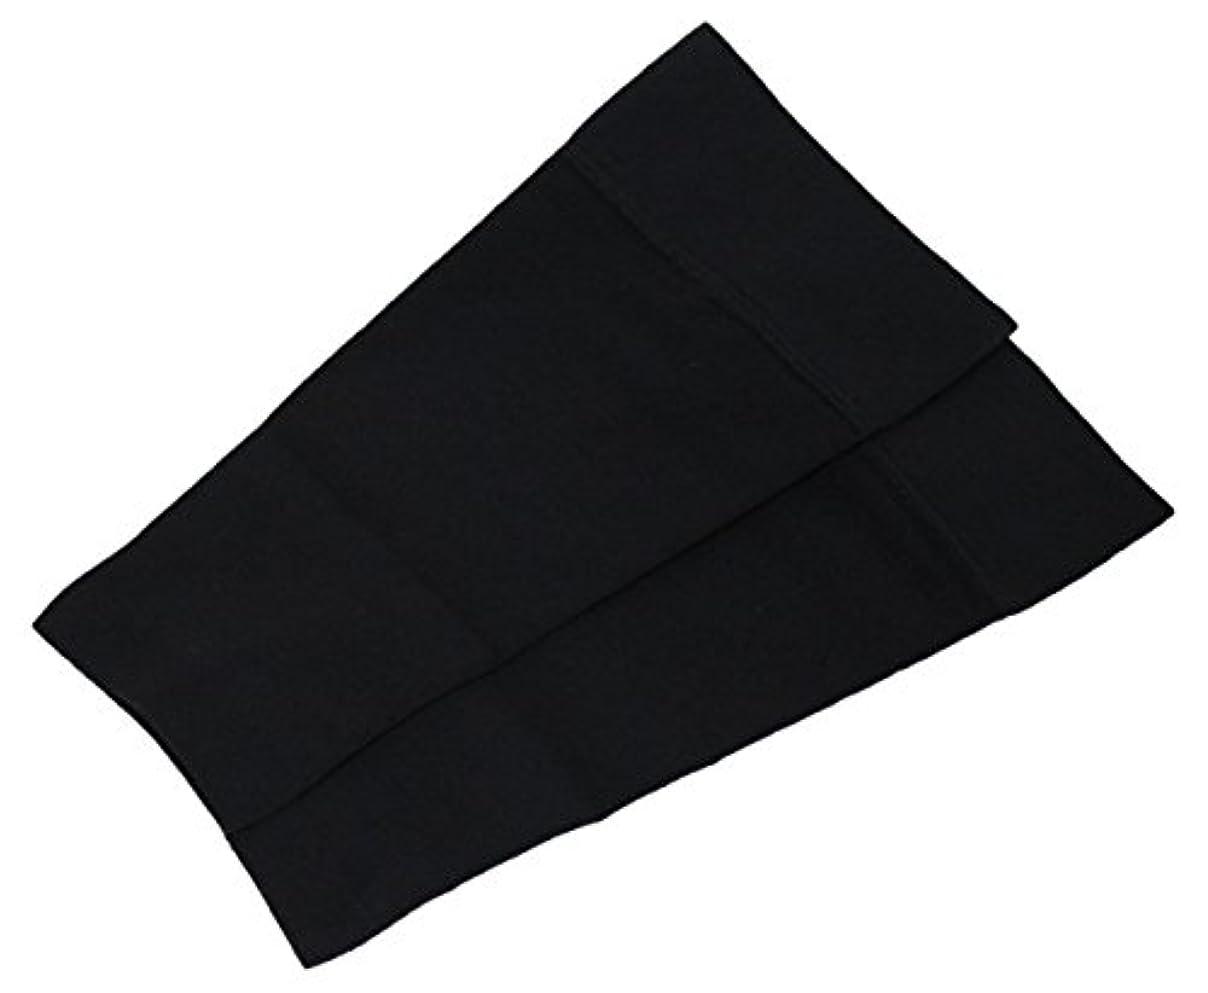 ベッドを作る乳白軽蔑するギロファ?ふくらはぎサポーター?メモリー02 ブラック Sサイズ